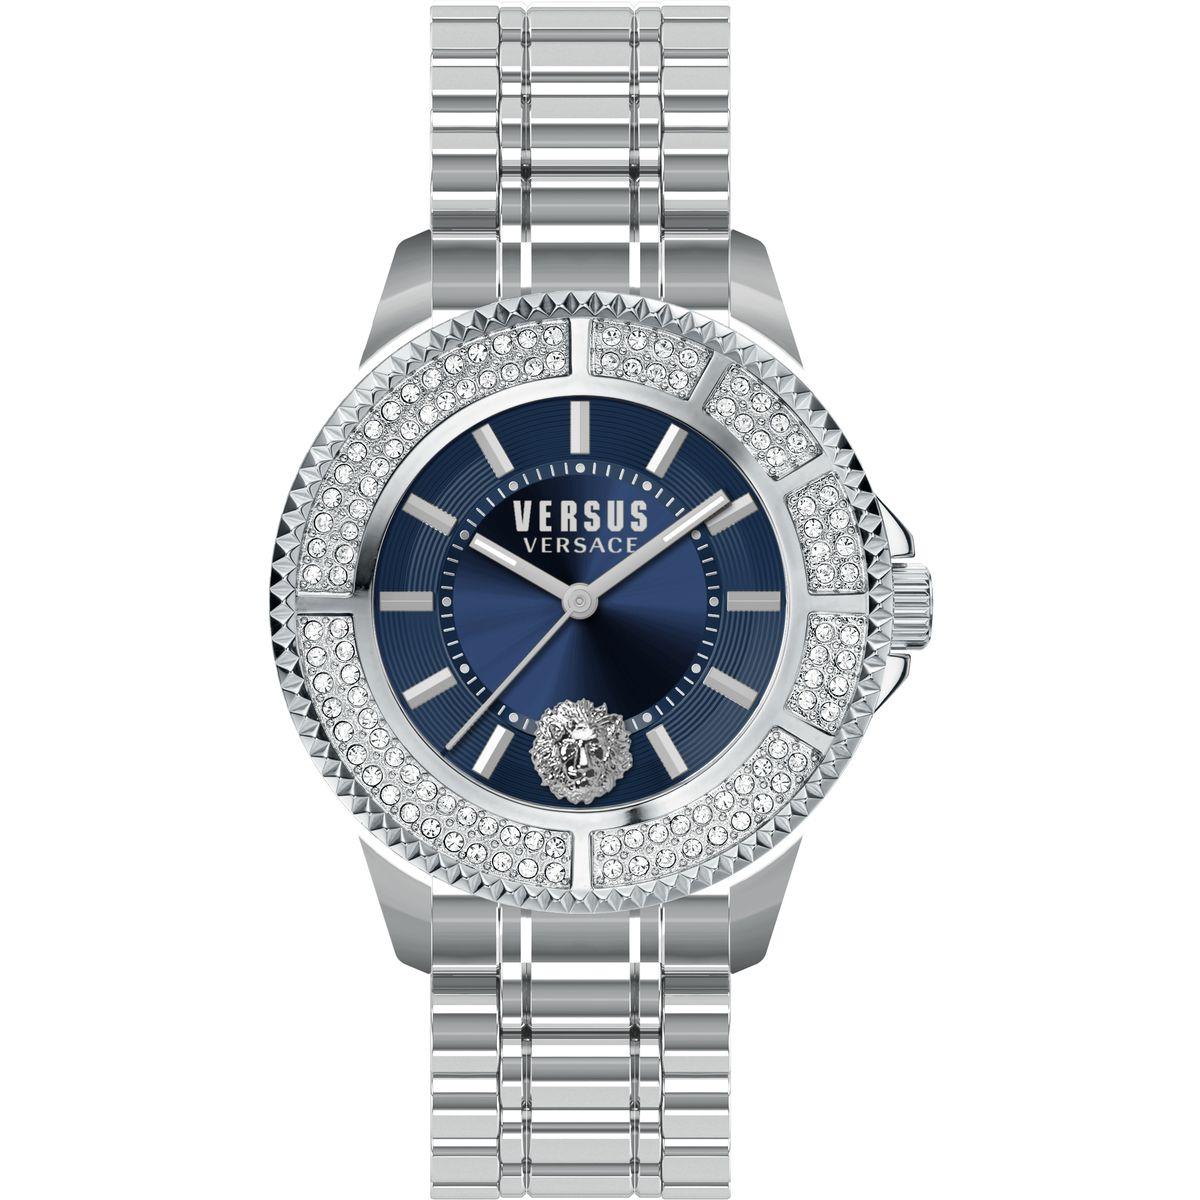 Наручные часы женские Versus Versace, цвет: серебристый. SGM25 0015SGM25 00153 стрелки, кварцевый механизм Citizen_2035, сталь, браслет, застежка из стали, минеральное стекло, кристаллы SWAROVSKI, водонепроницаемость 5 АТМ.